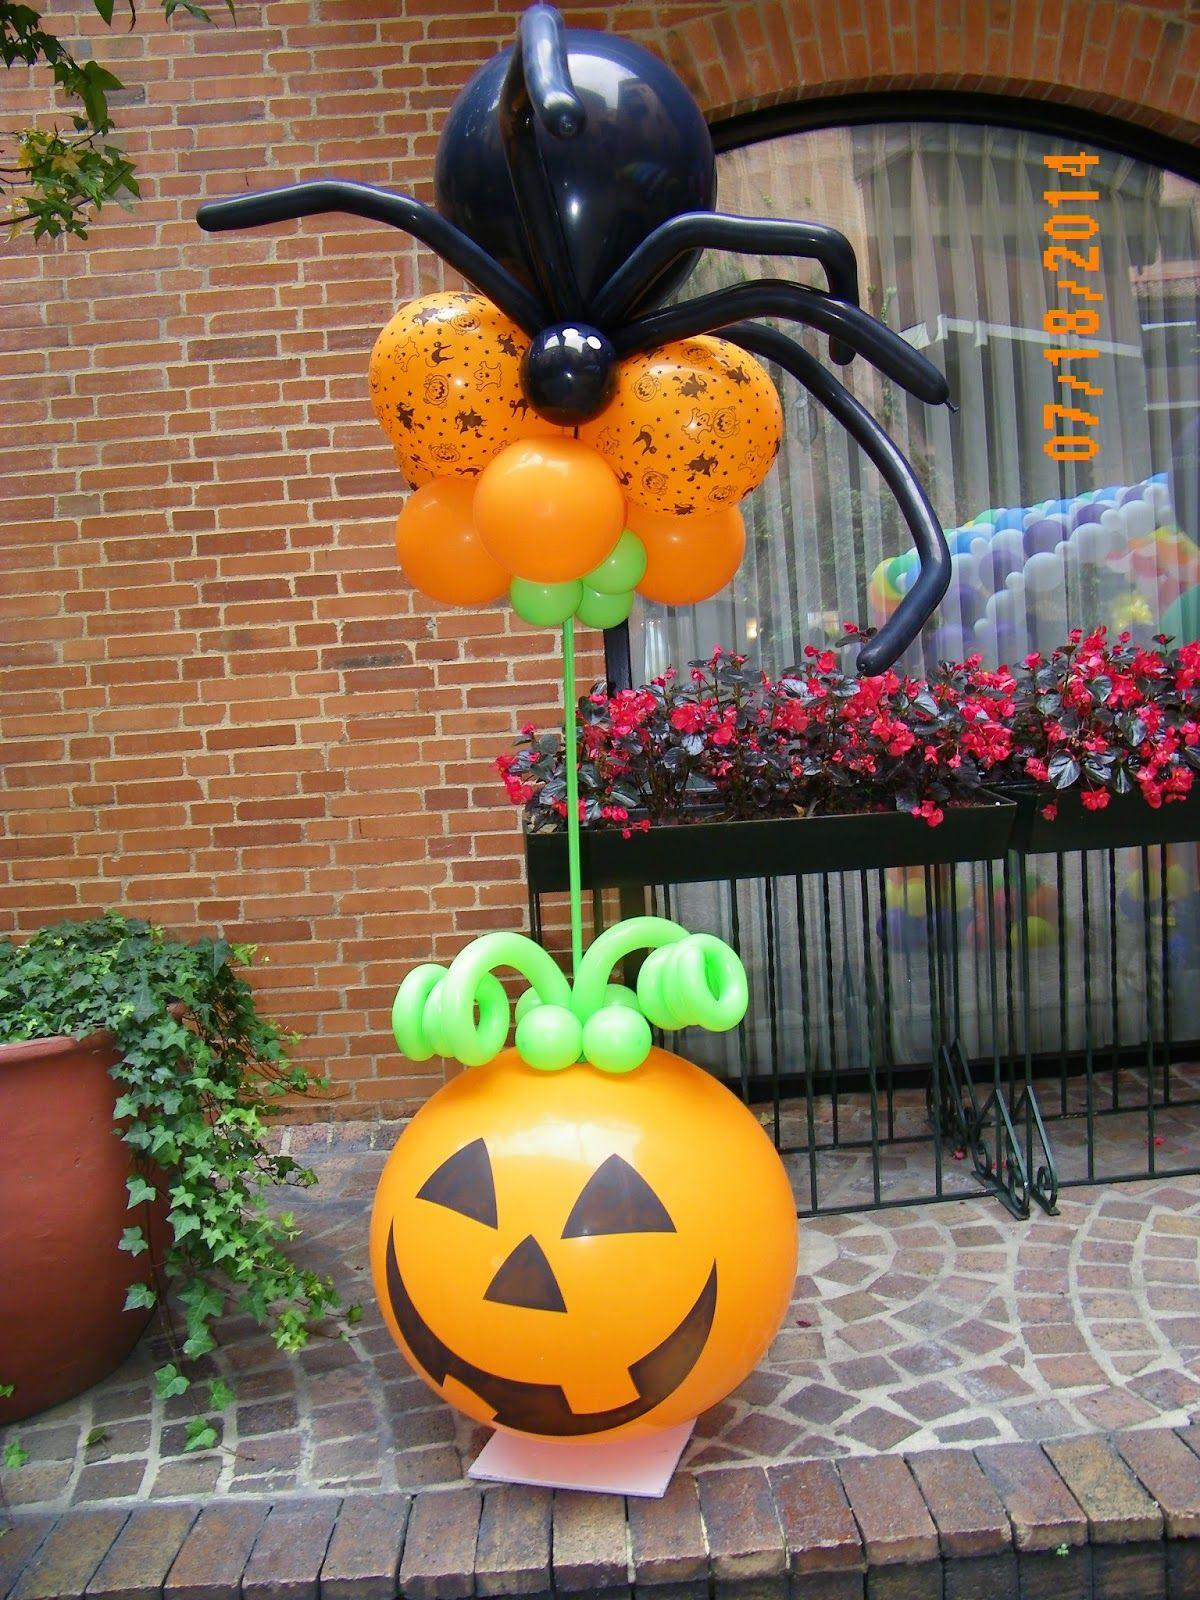 Fiestas y detalles la novena decoraciones halloween - Decoracion fiesta halloween ...